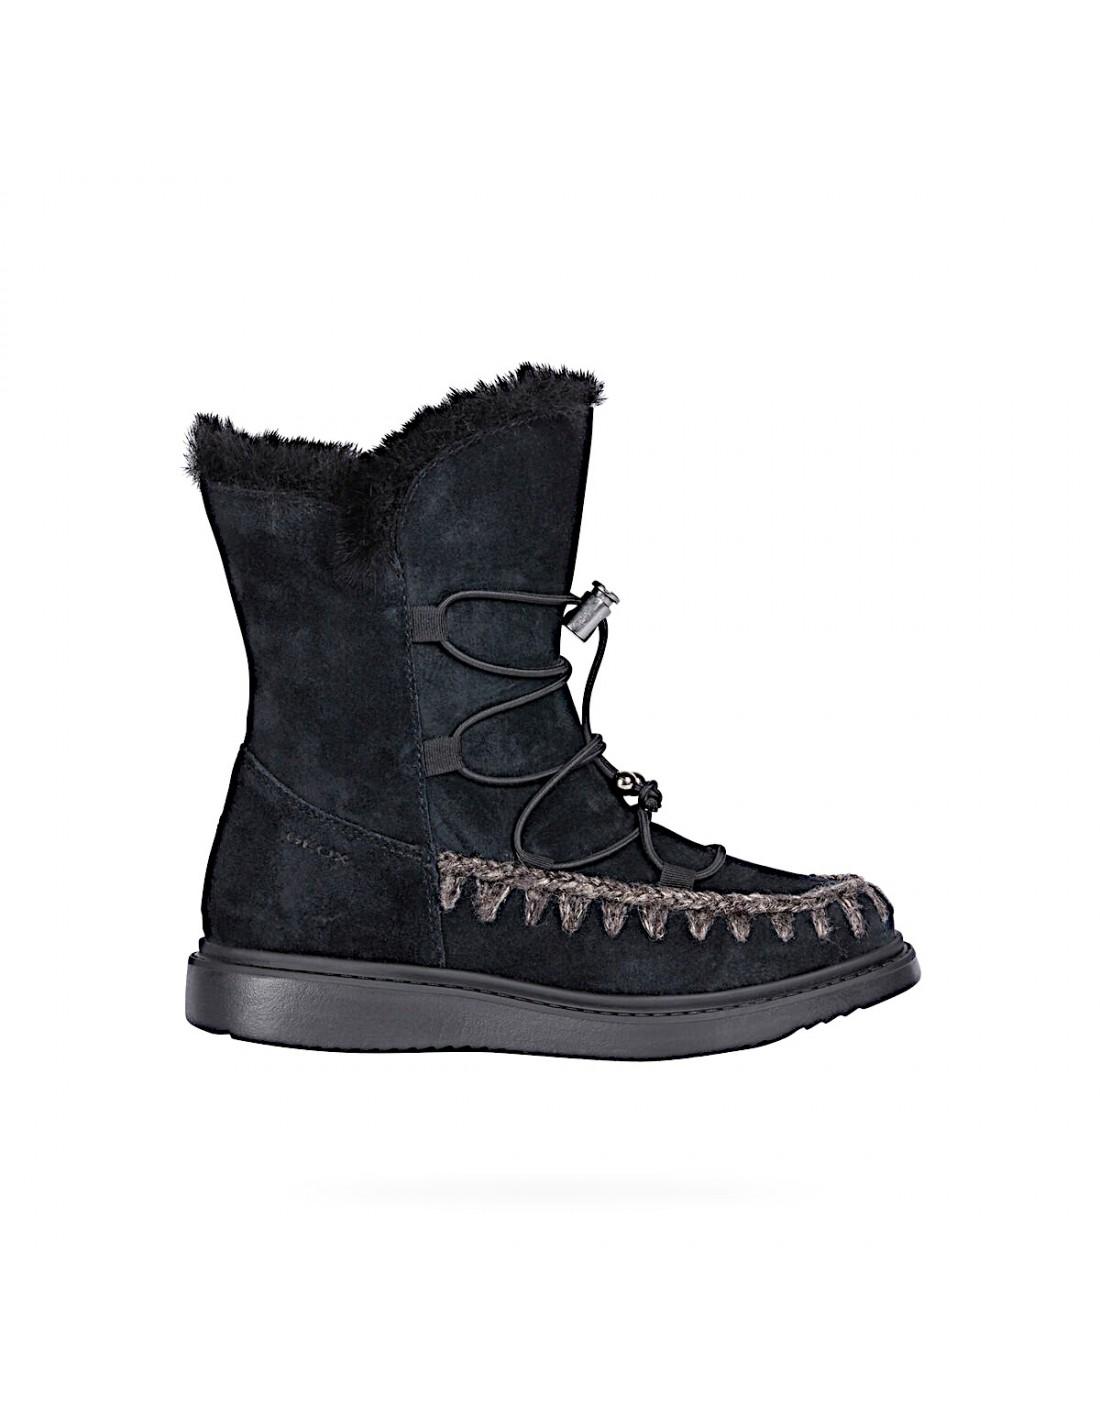 Geox stivaletti da donna scarponcini per ragazza stivali